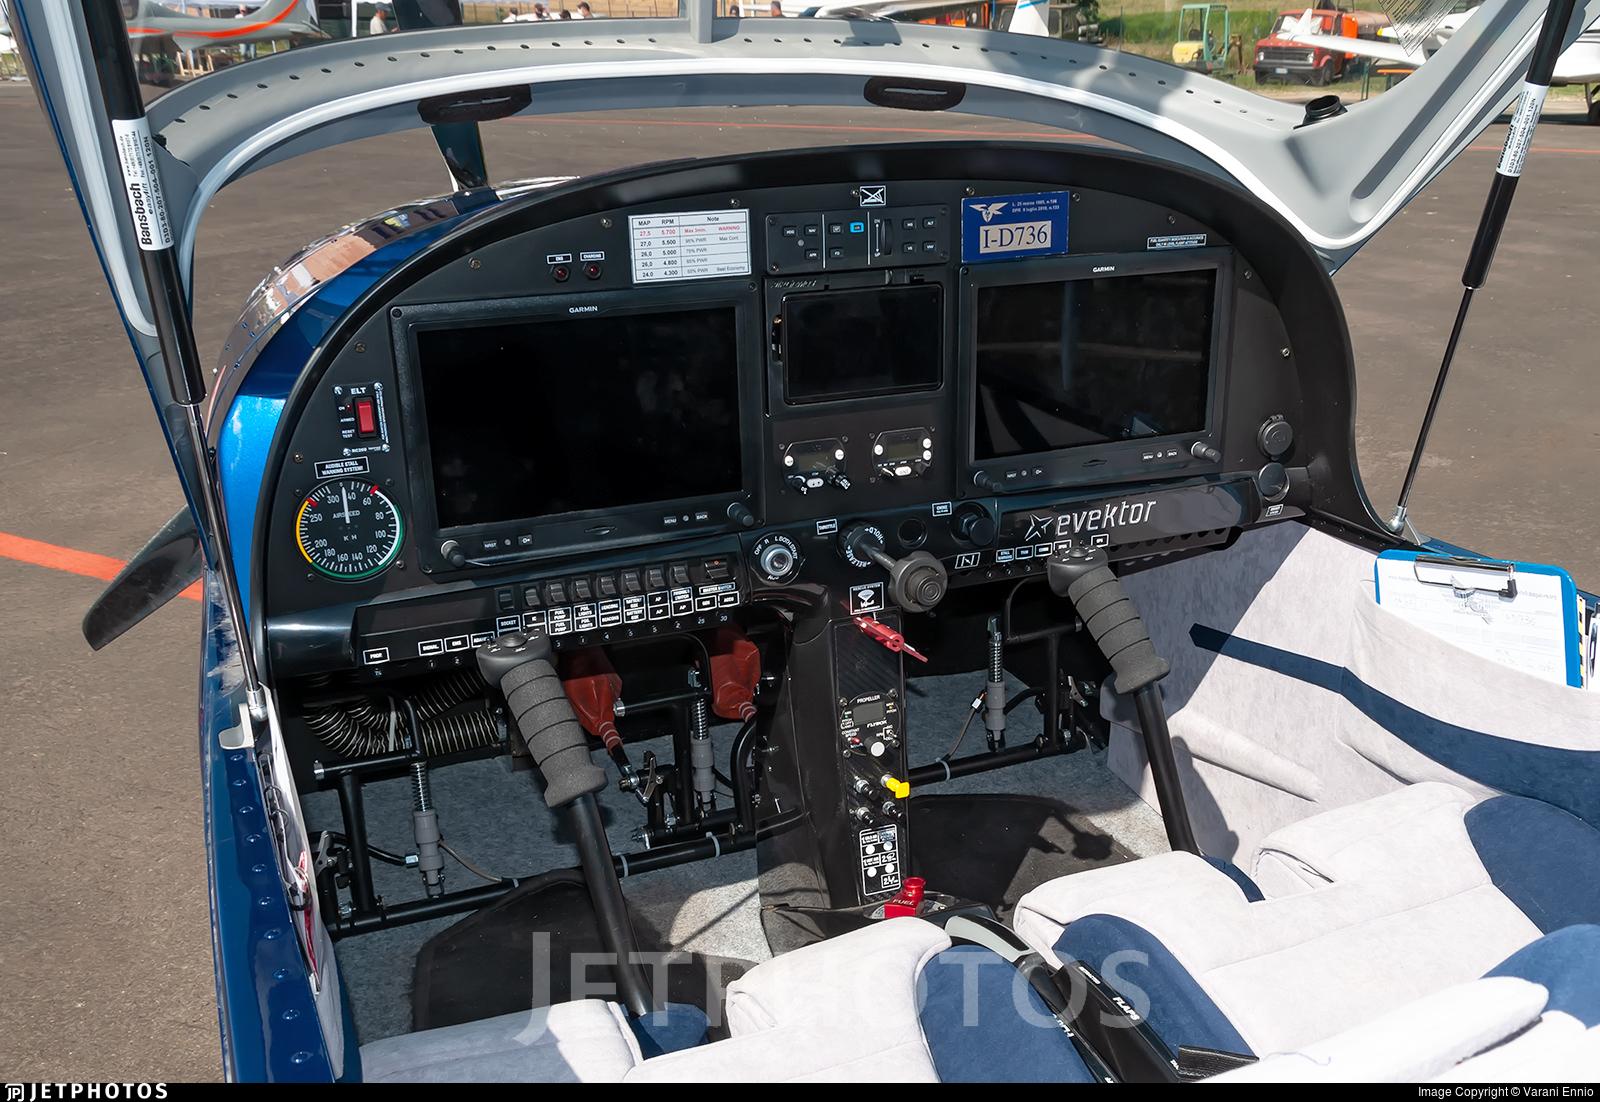 I-D736 - Evektor Eurostar SLW - Private